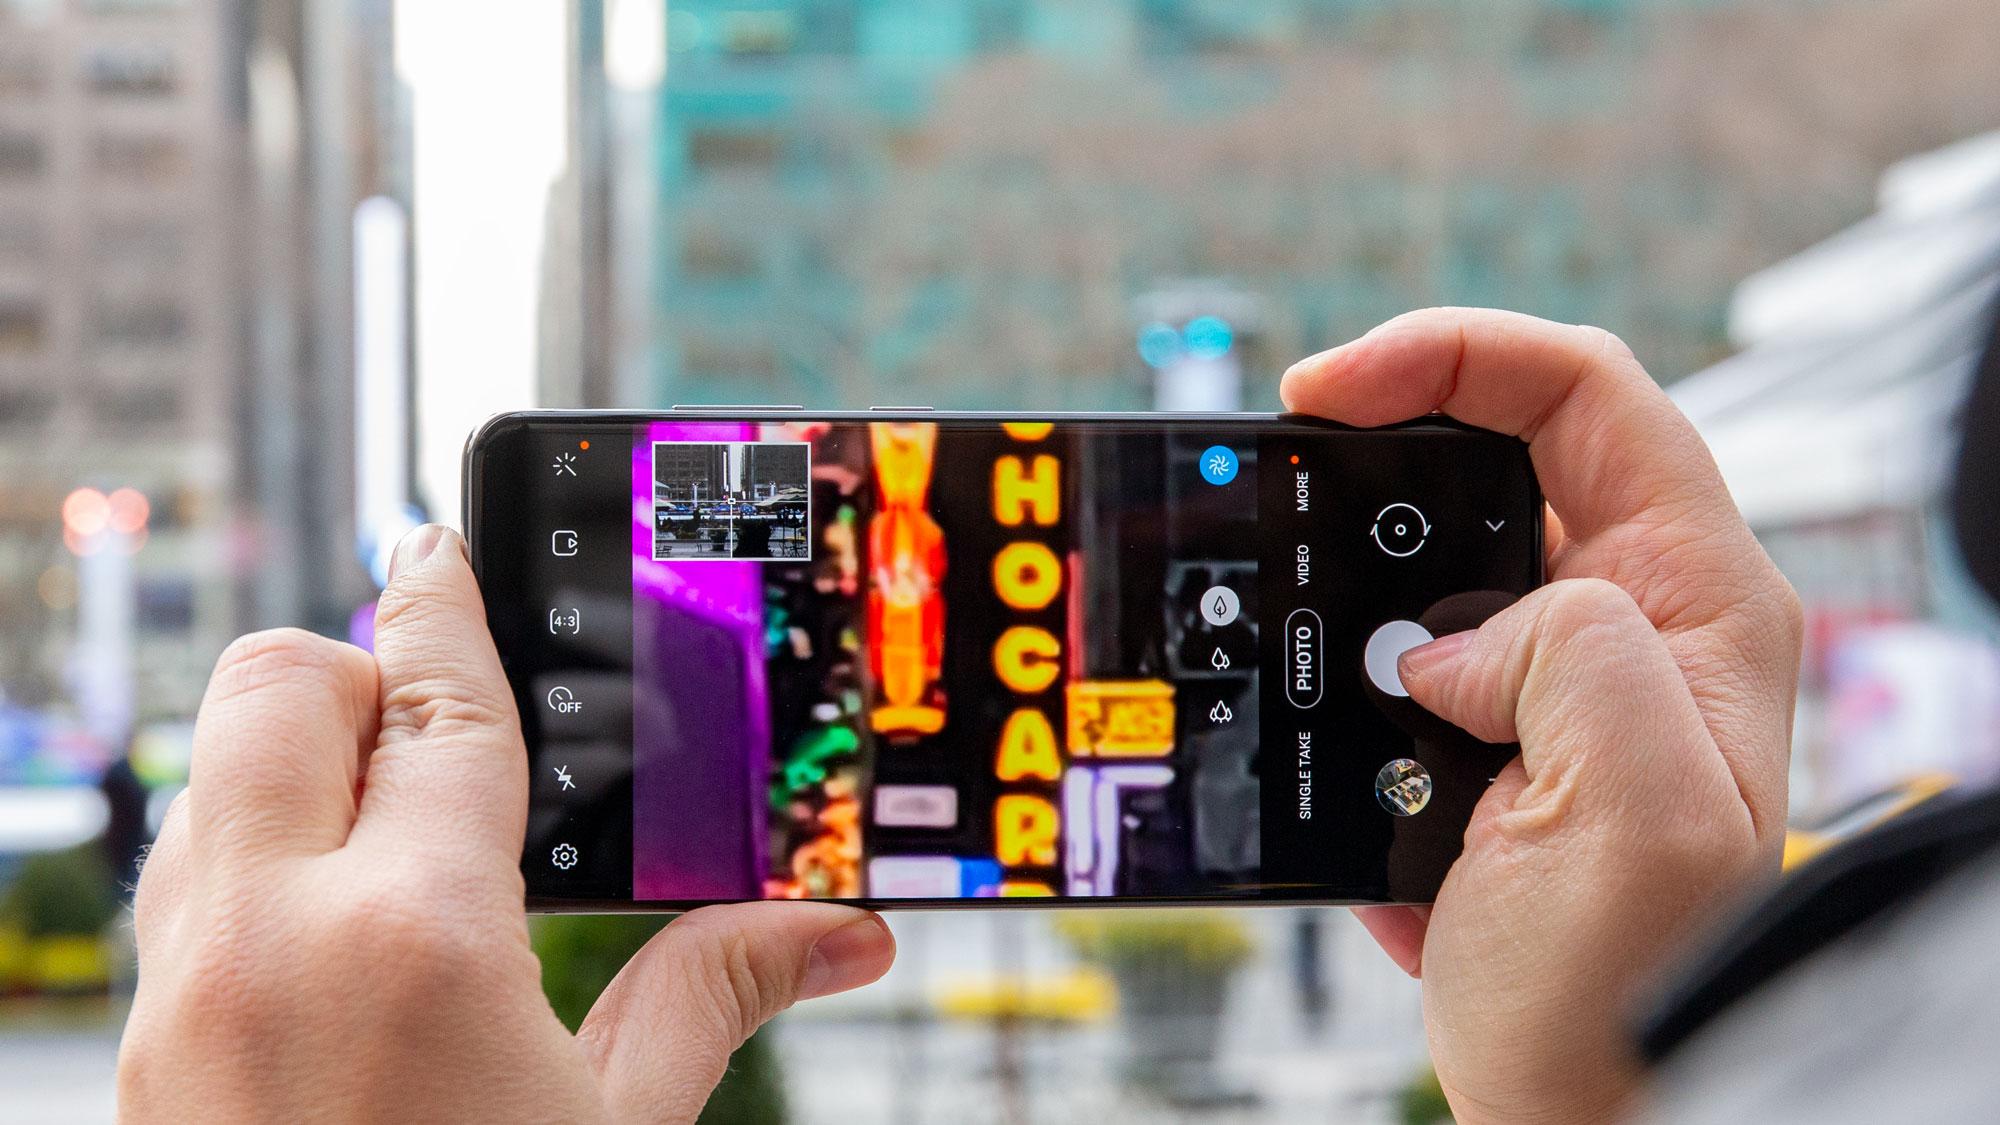 Инсайдер: флагманская серия смартфонов Samsung Galaxy Note 20 не получит поддержку 100-кратного зума, как у Galaxy S20 Ultra